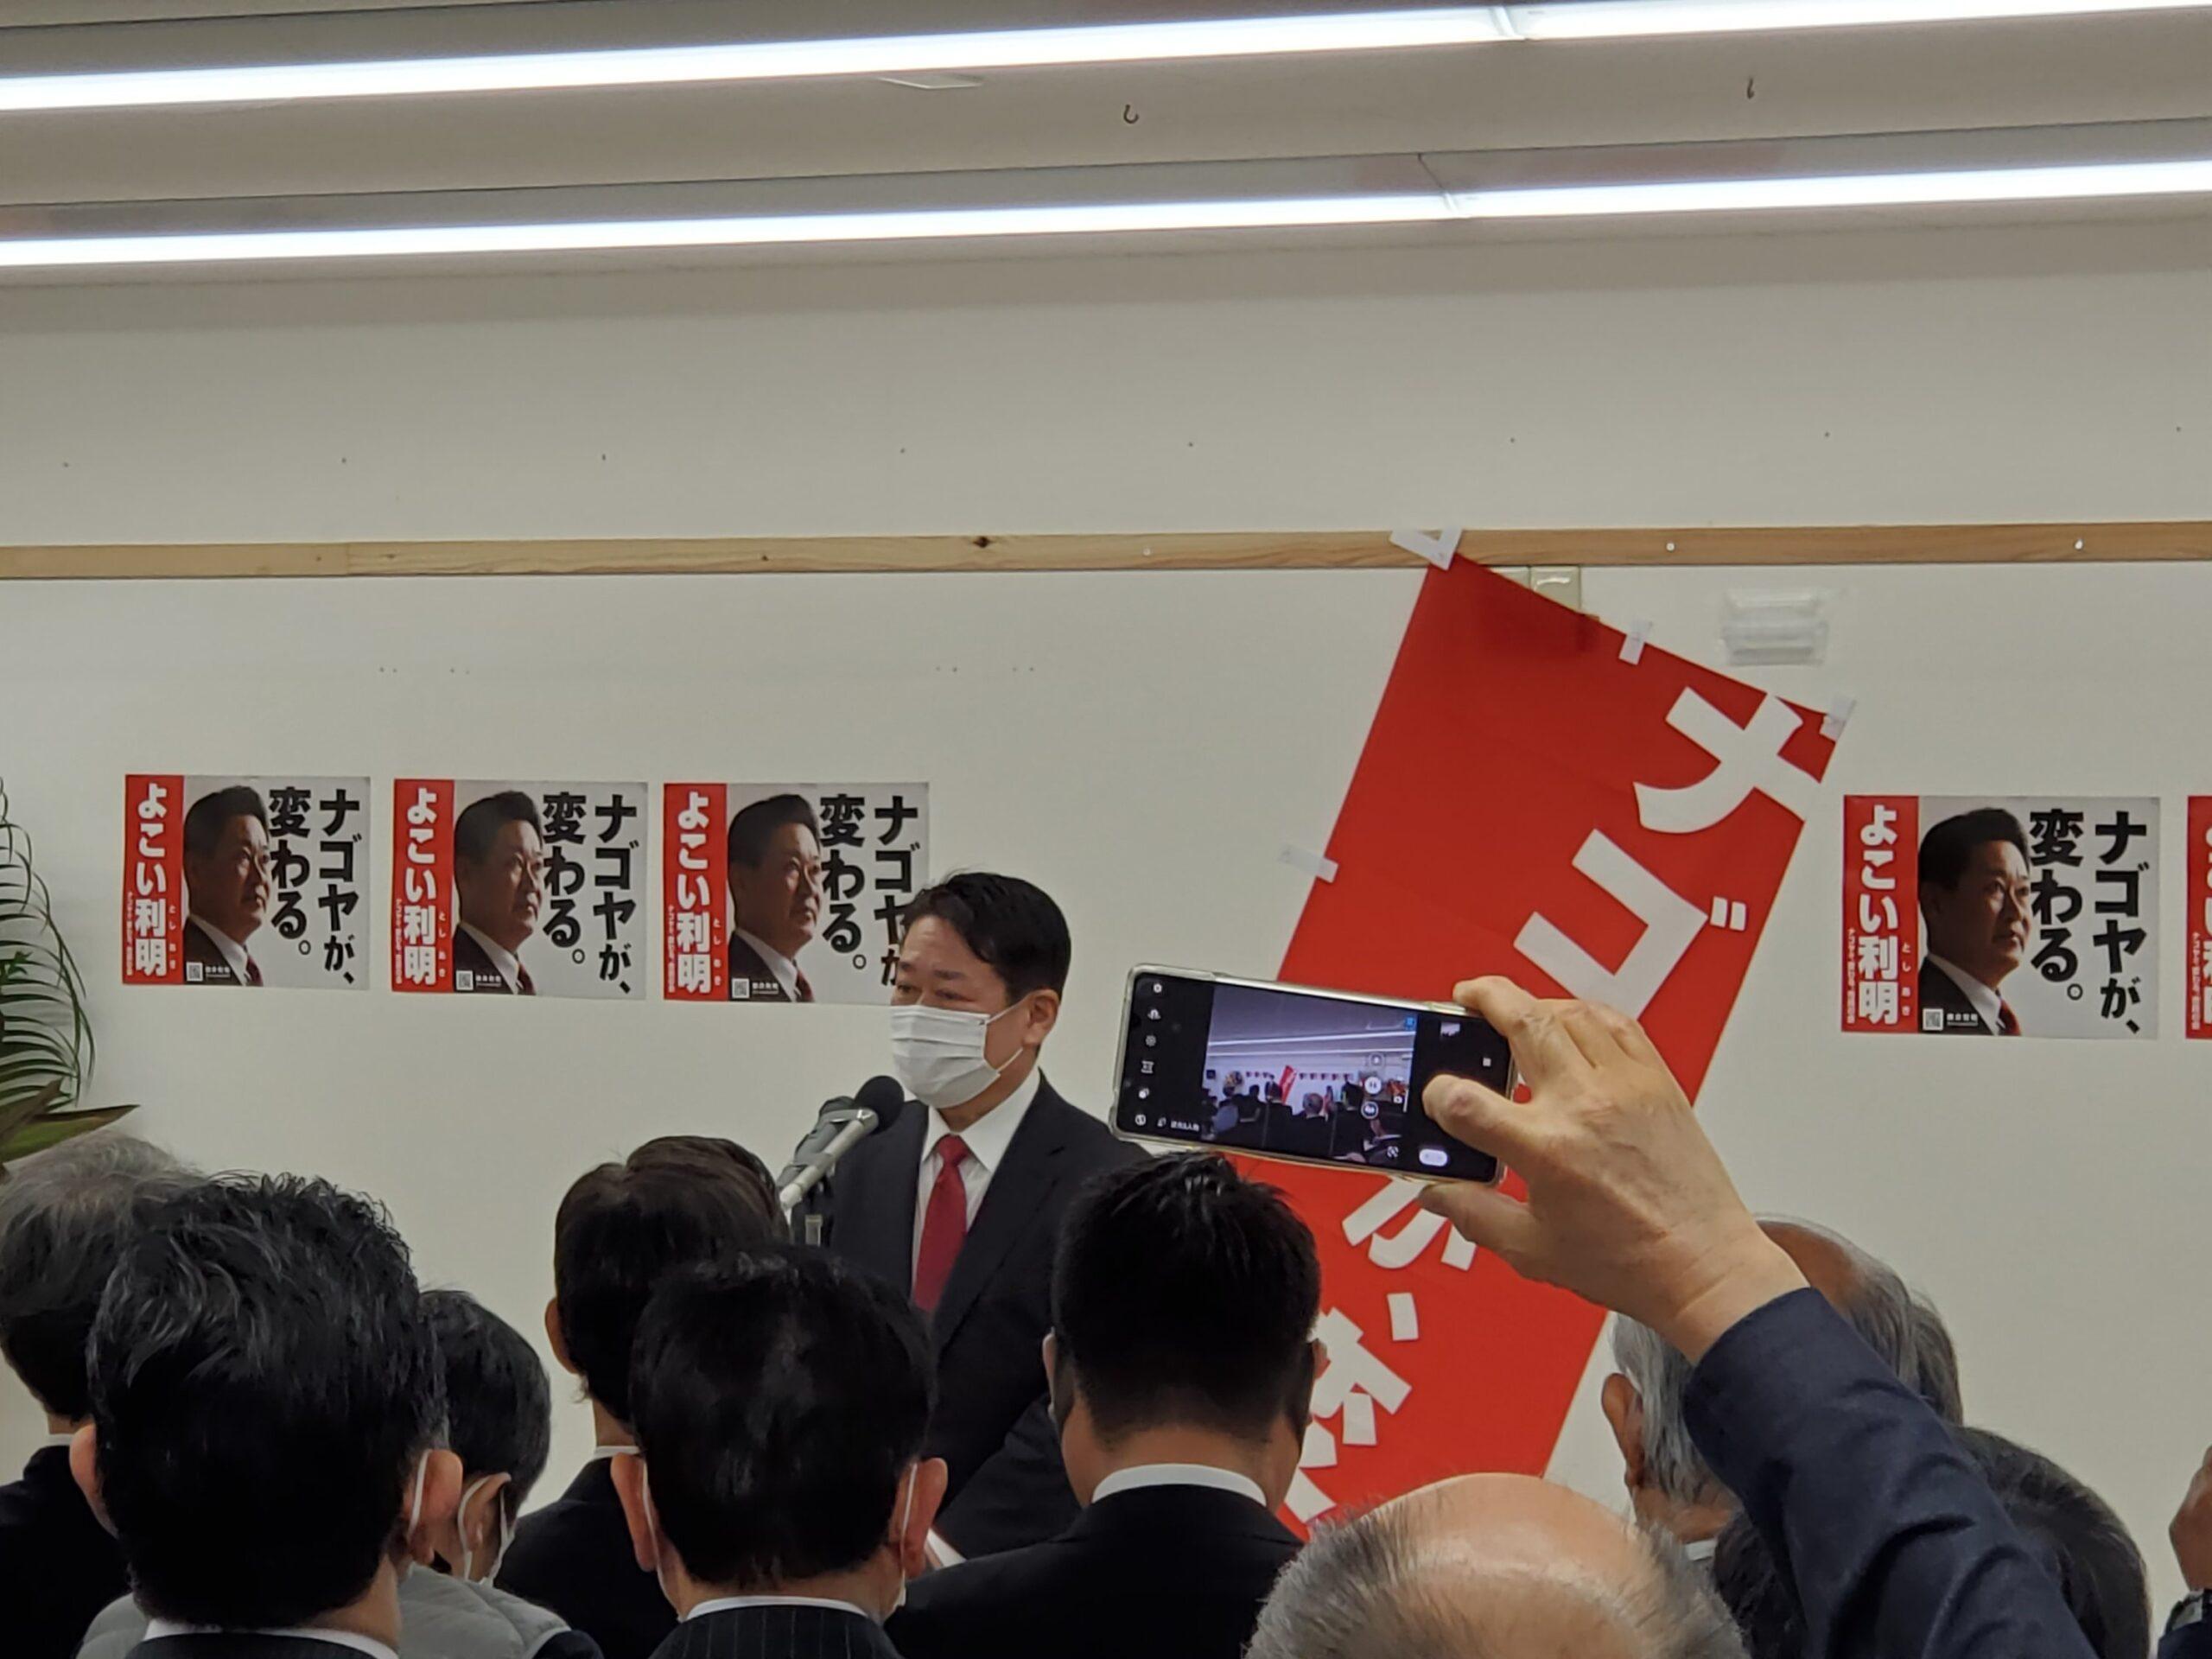 名古屋市長選挙の横井候補予定者の事務所の開所式がありました。